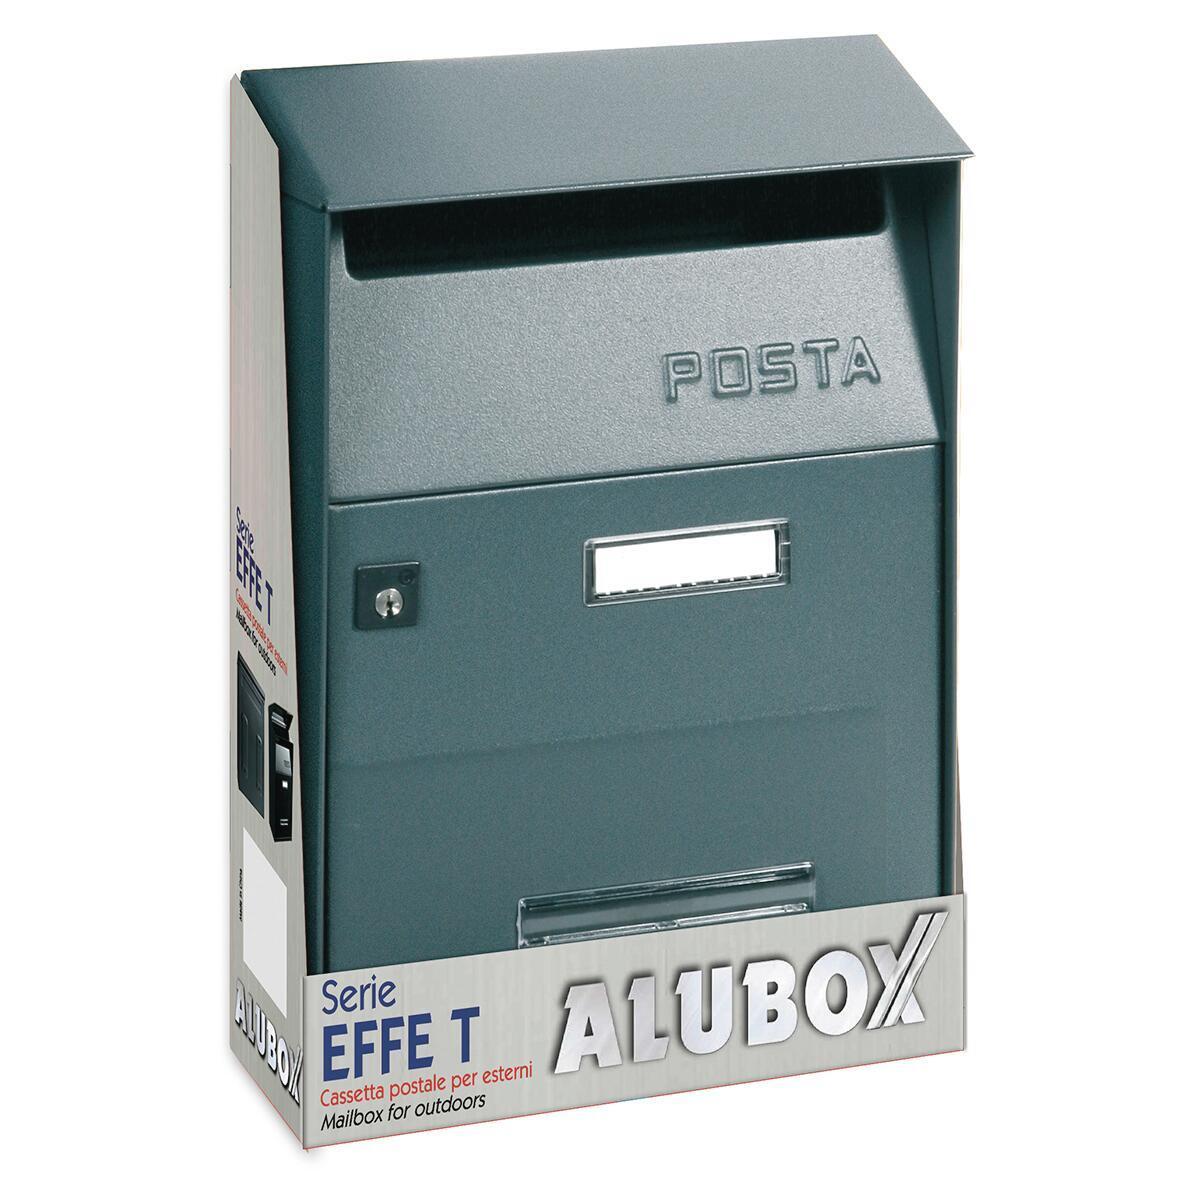 Cassetta postale ALUBOX formato Lettera, grigio / argento , L 22 x P 11 x H 32.5 cm - 2